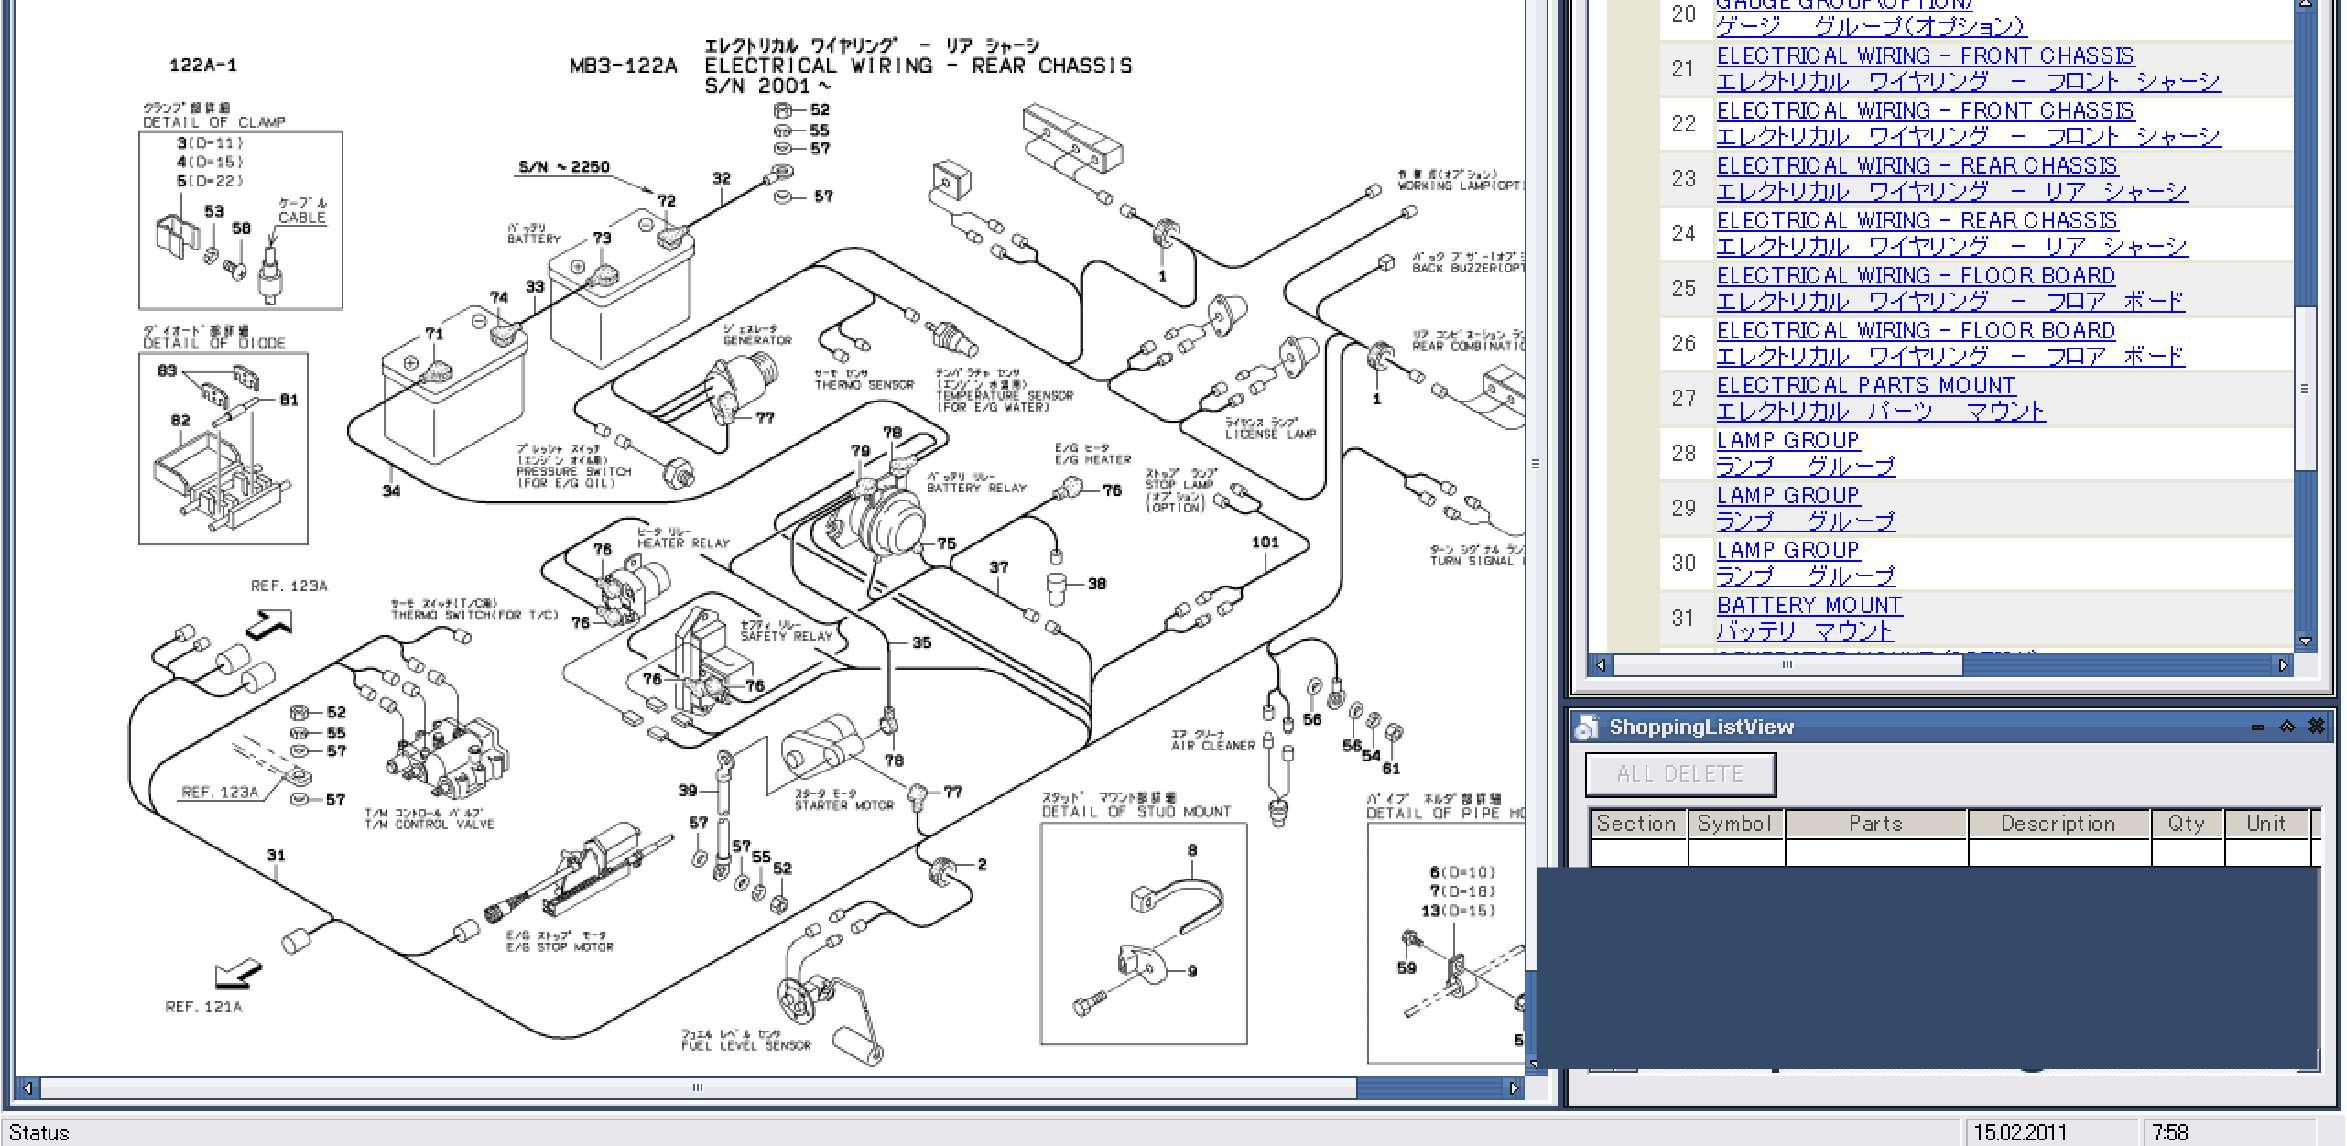 Kawasaki Construction Machinery Parts Catalog SS-01